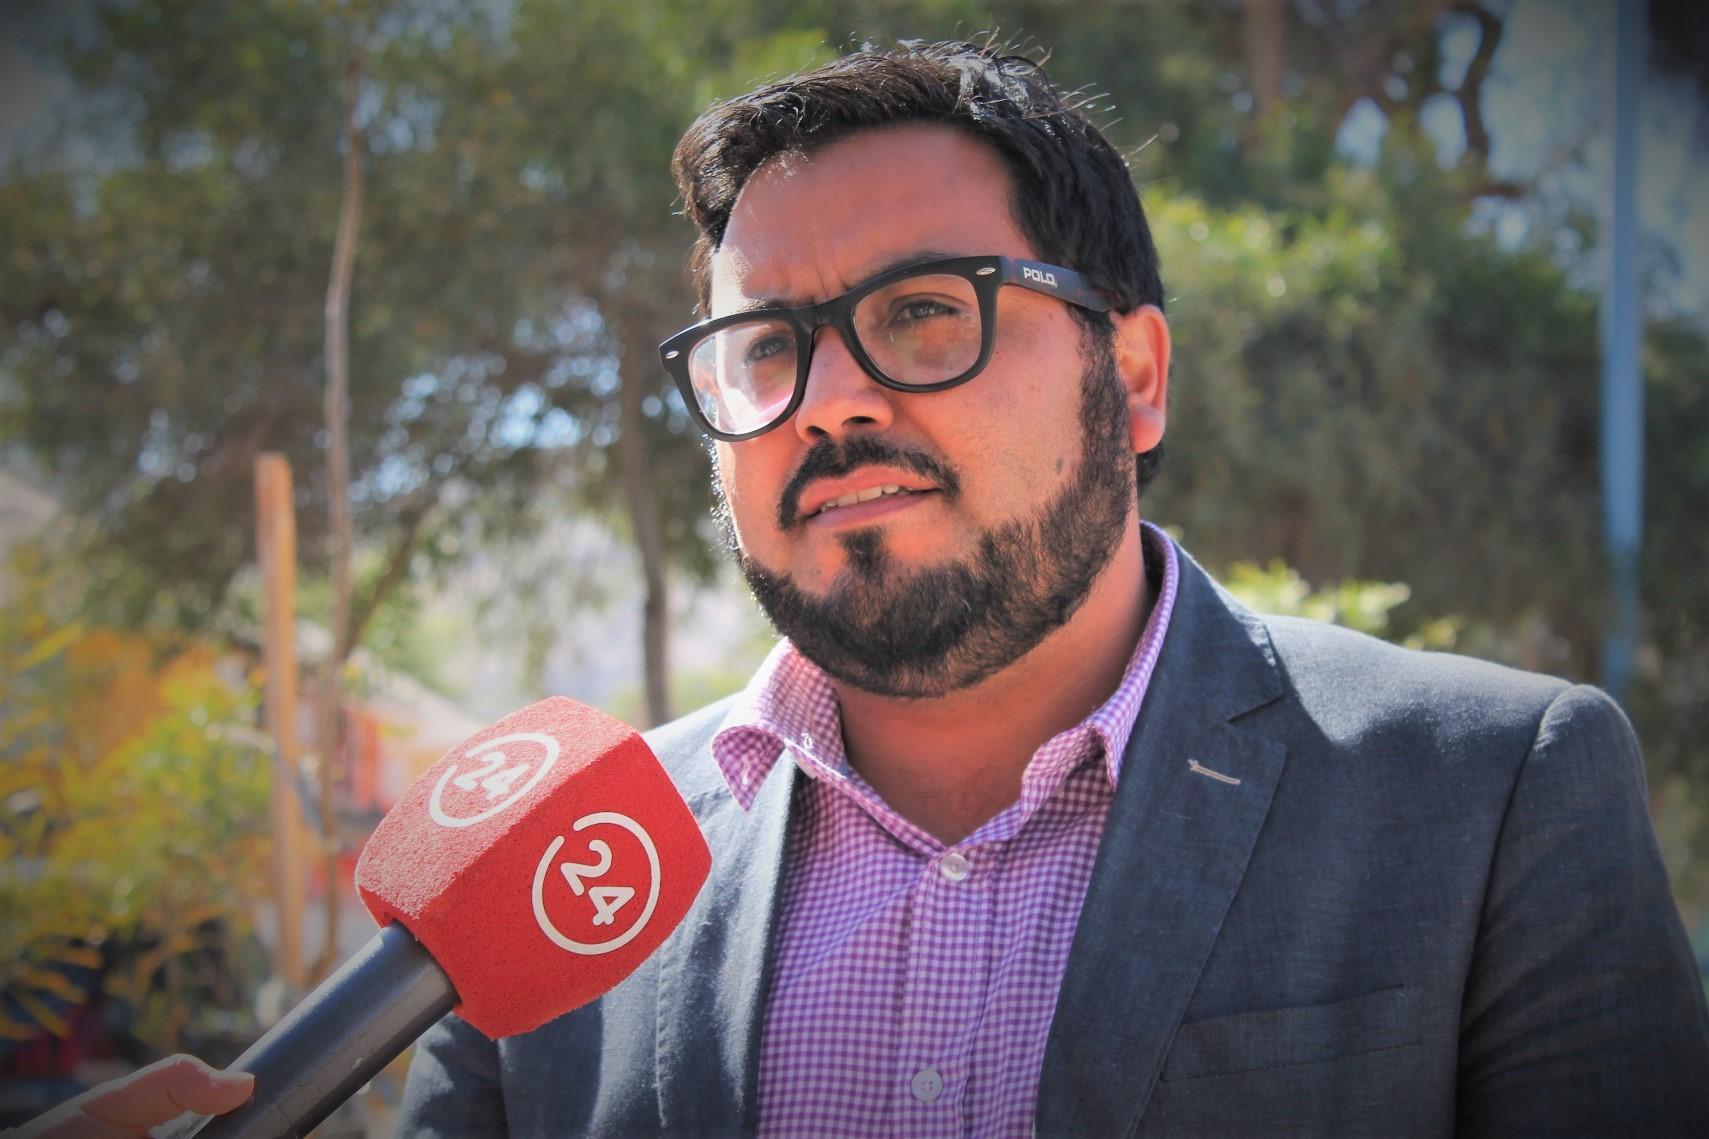 Seremi de Gobierno destaca desarrollo de Elecciones 2017 en Atacama